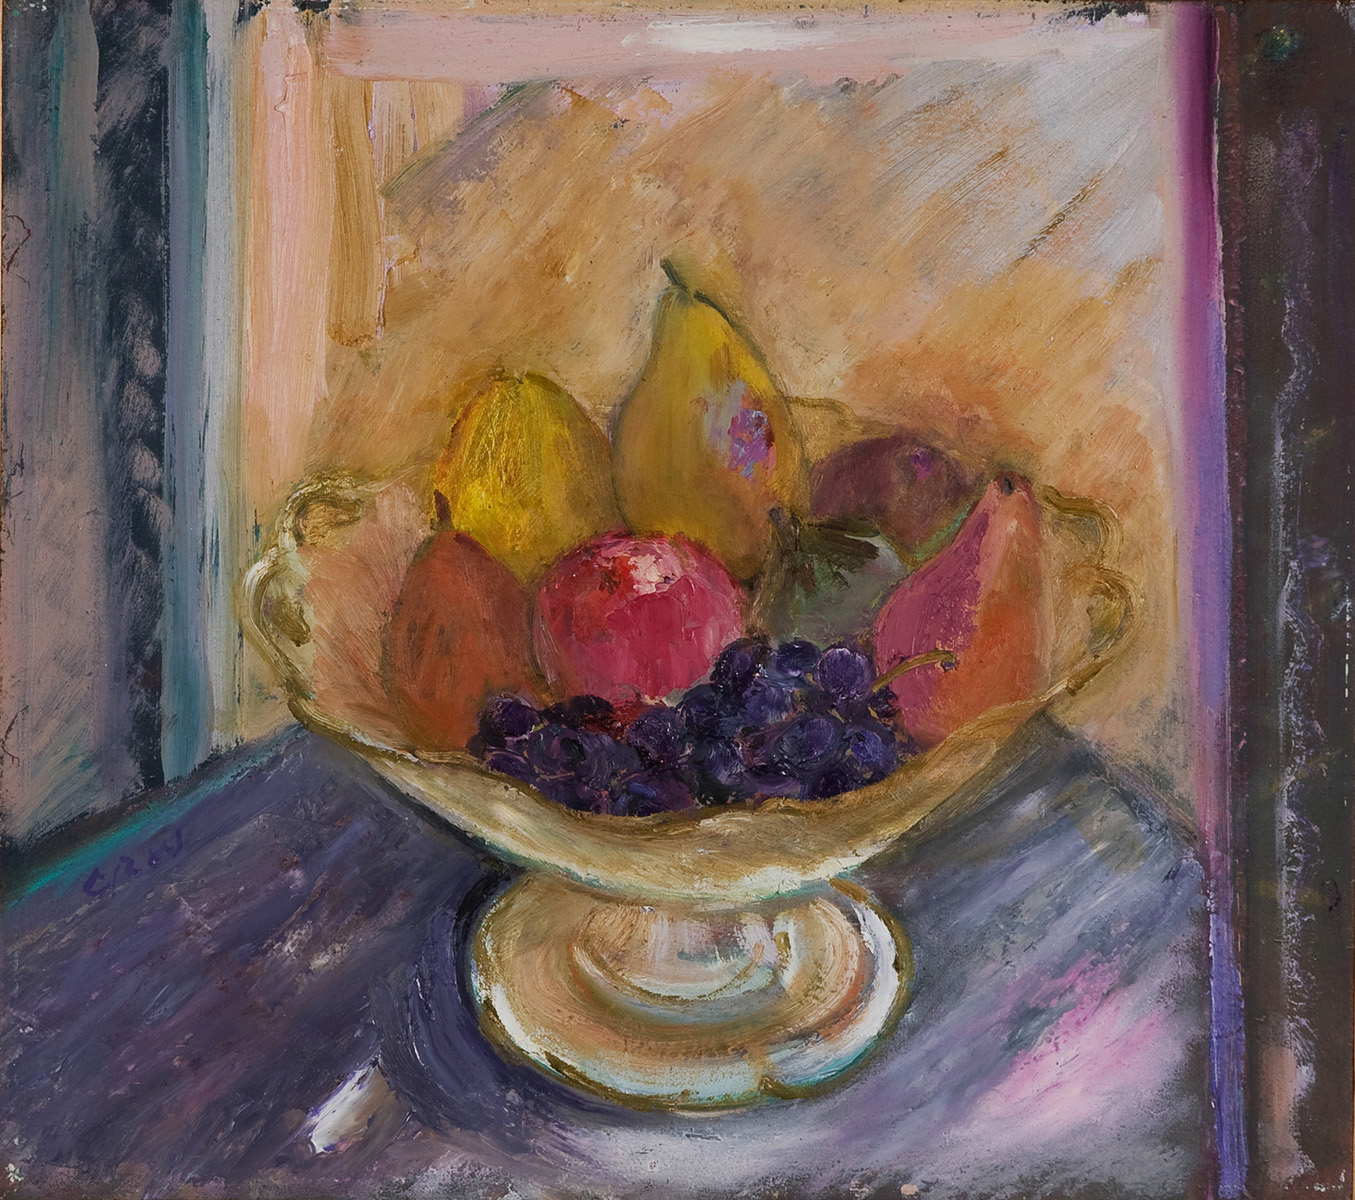 Fruit at 43